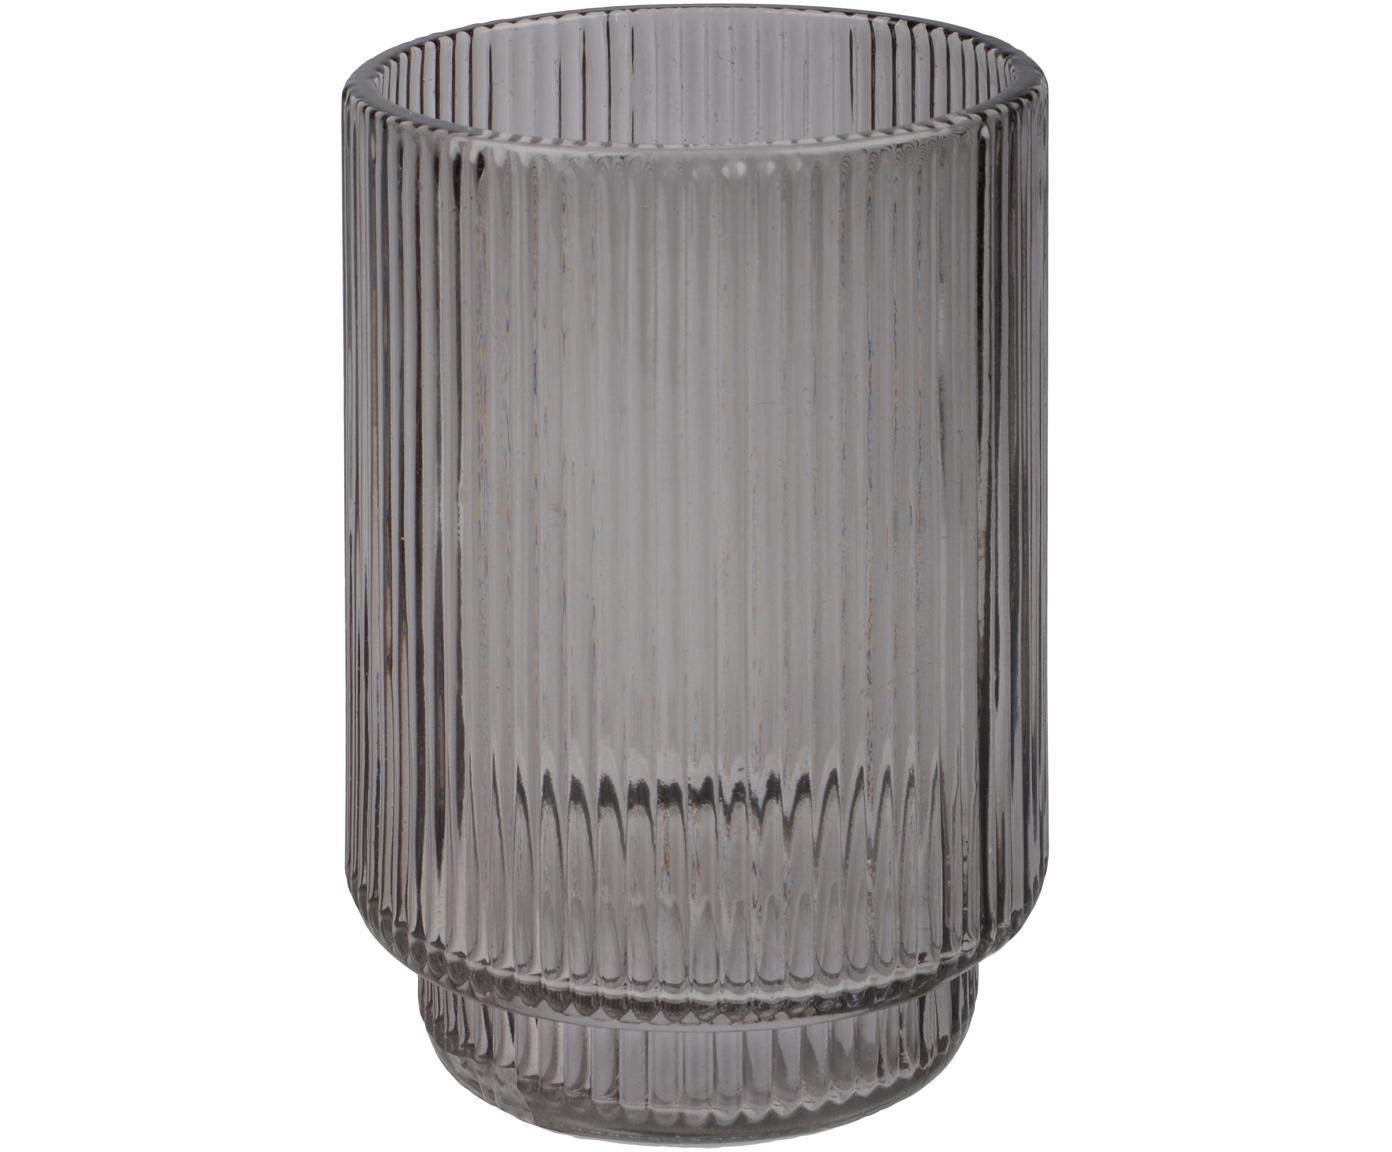 Kubek na szczoteczki do zębów ze szkła karbowanego  Ligia, Szkło, Szary, transparentny, Ø 8 x W 10 cm